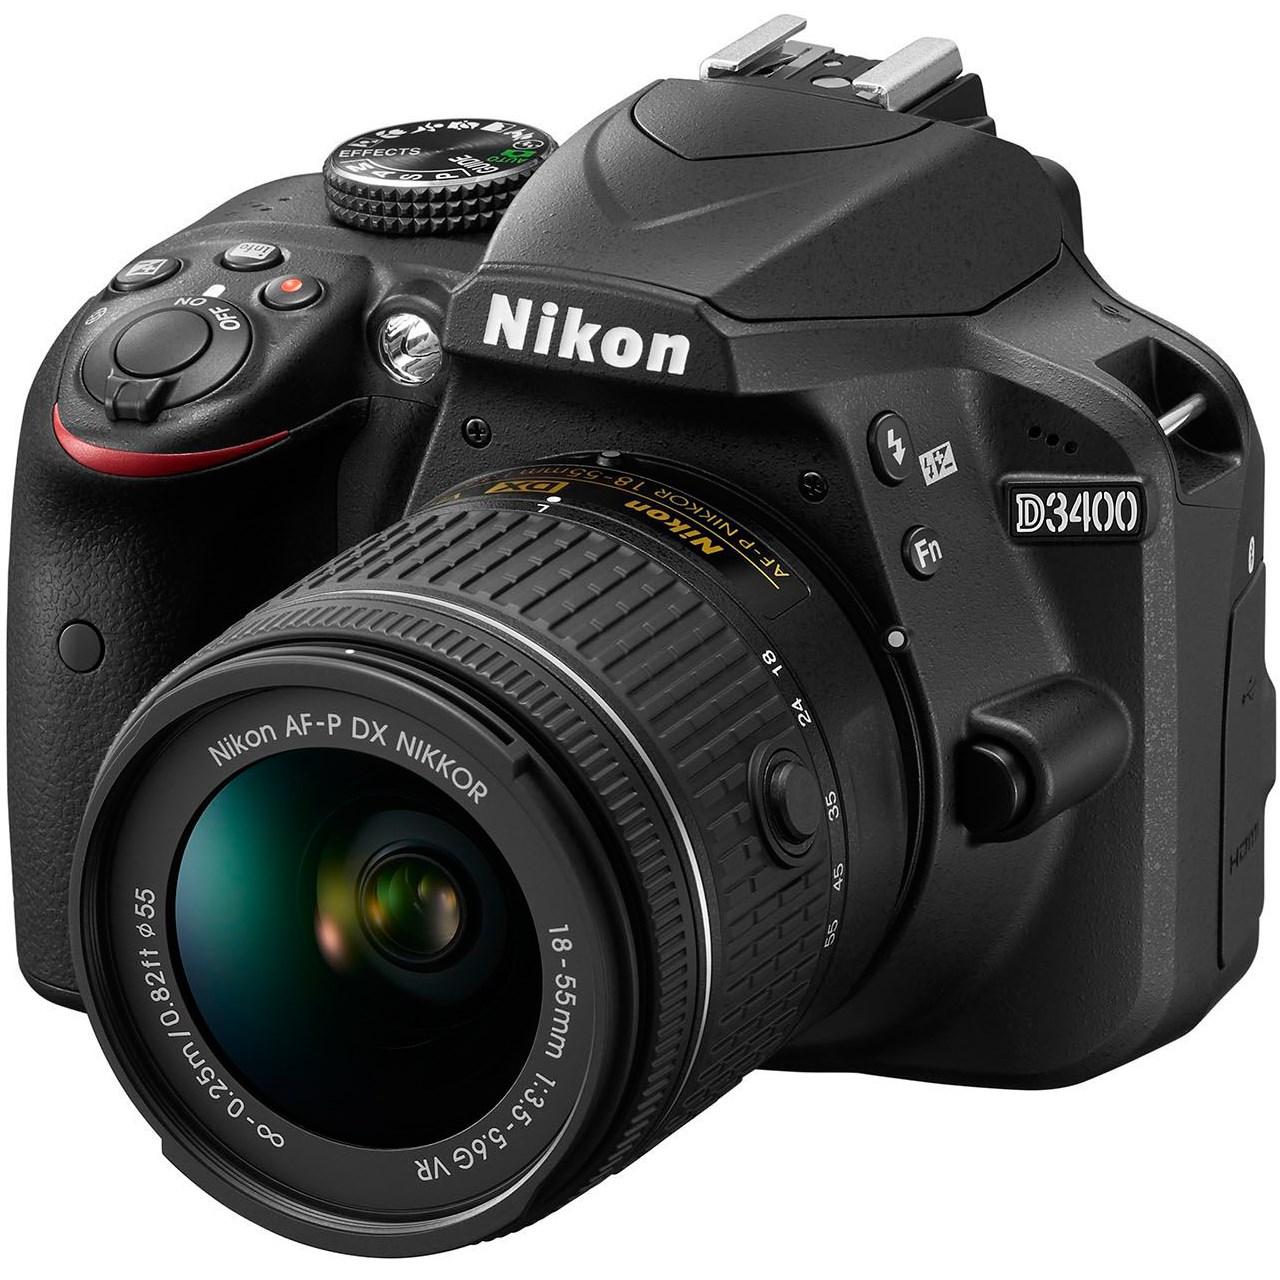 دوربین دیجیتال نیکون مدل D3400 به همراه لنز ۱۸-۵۵ میلی متر VR